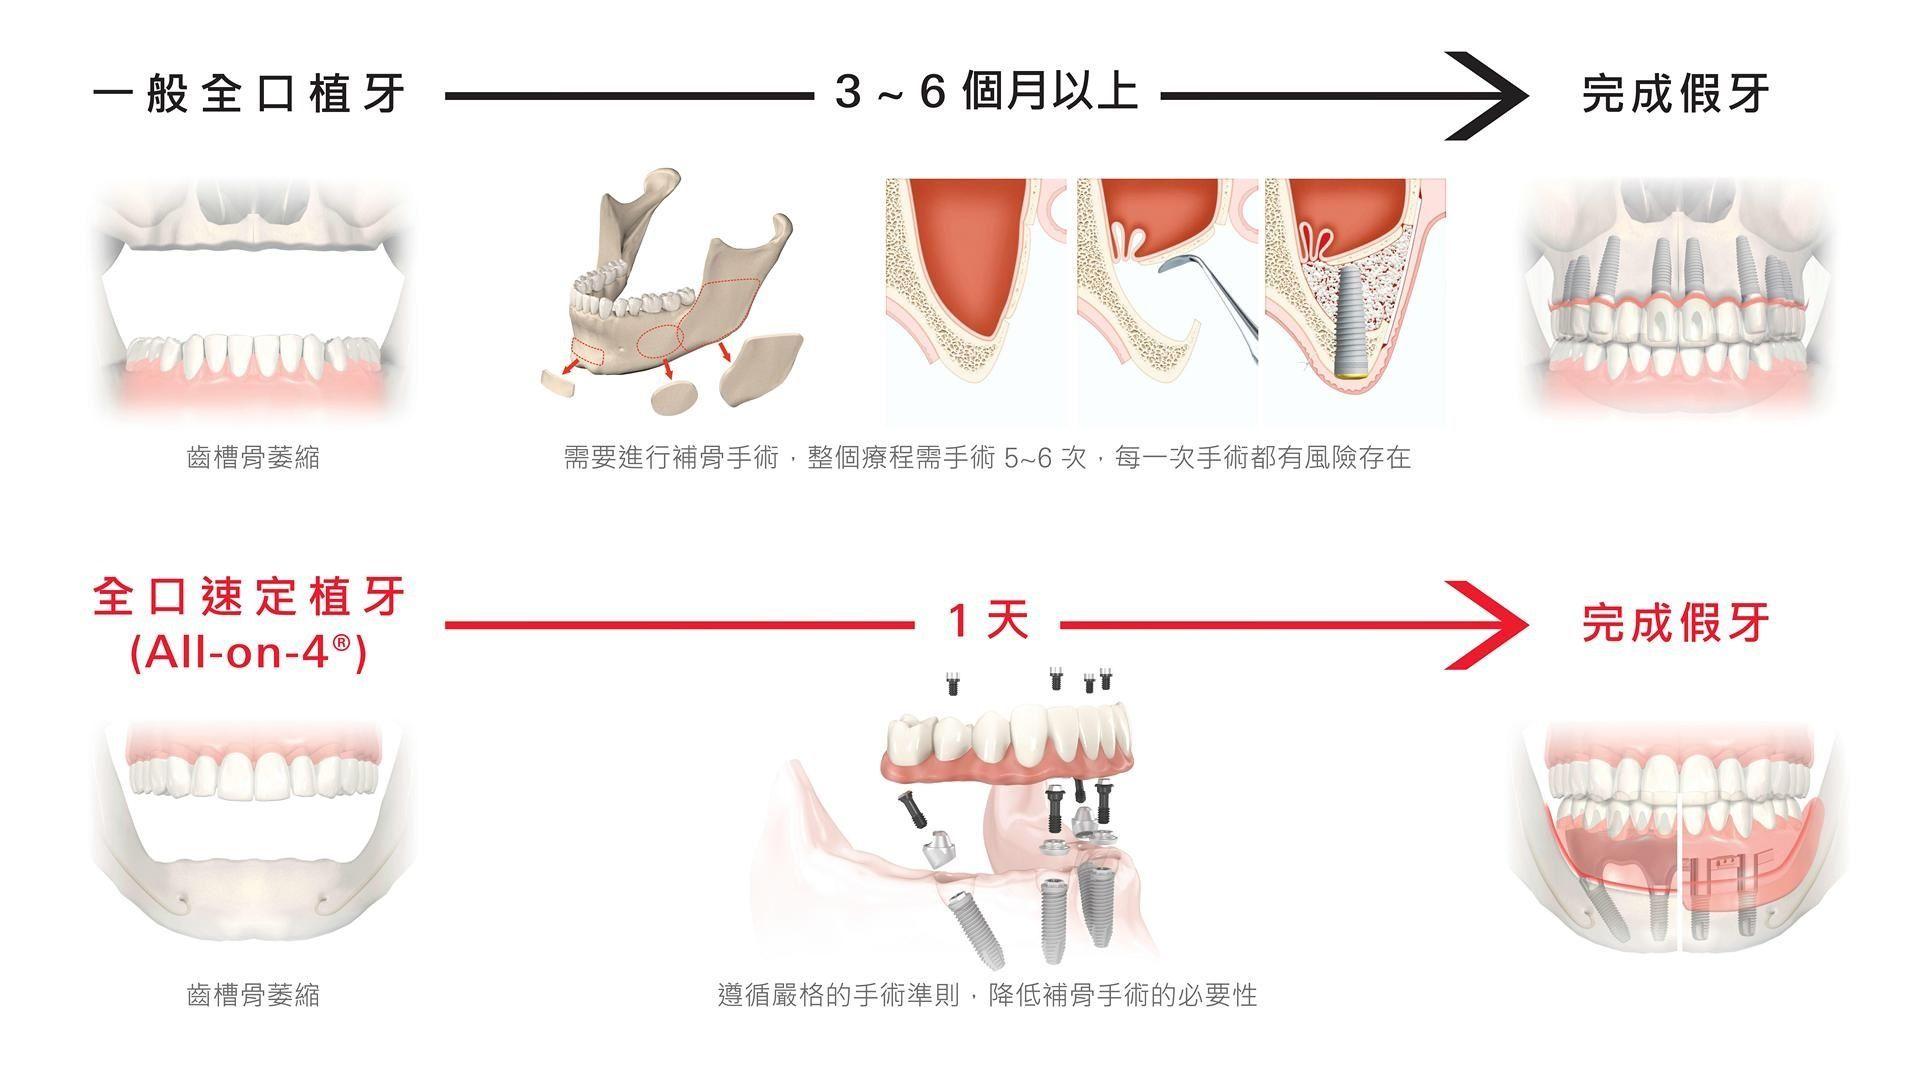 台中all on 4 全口重建植牙手術